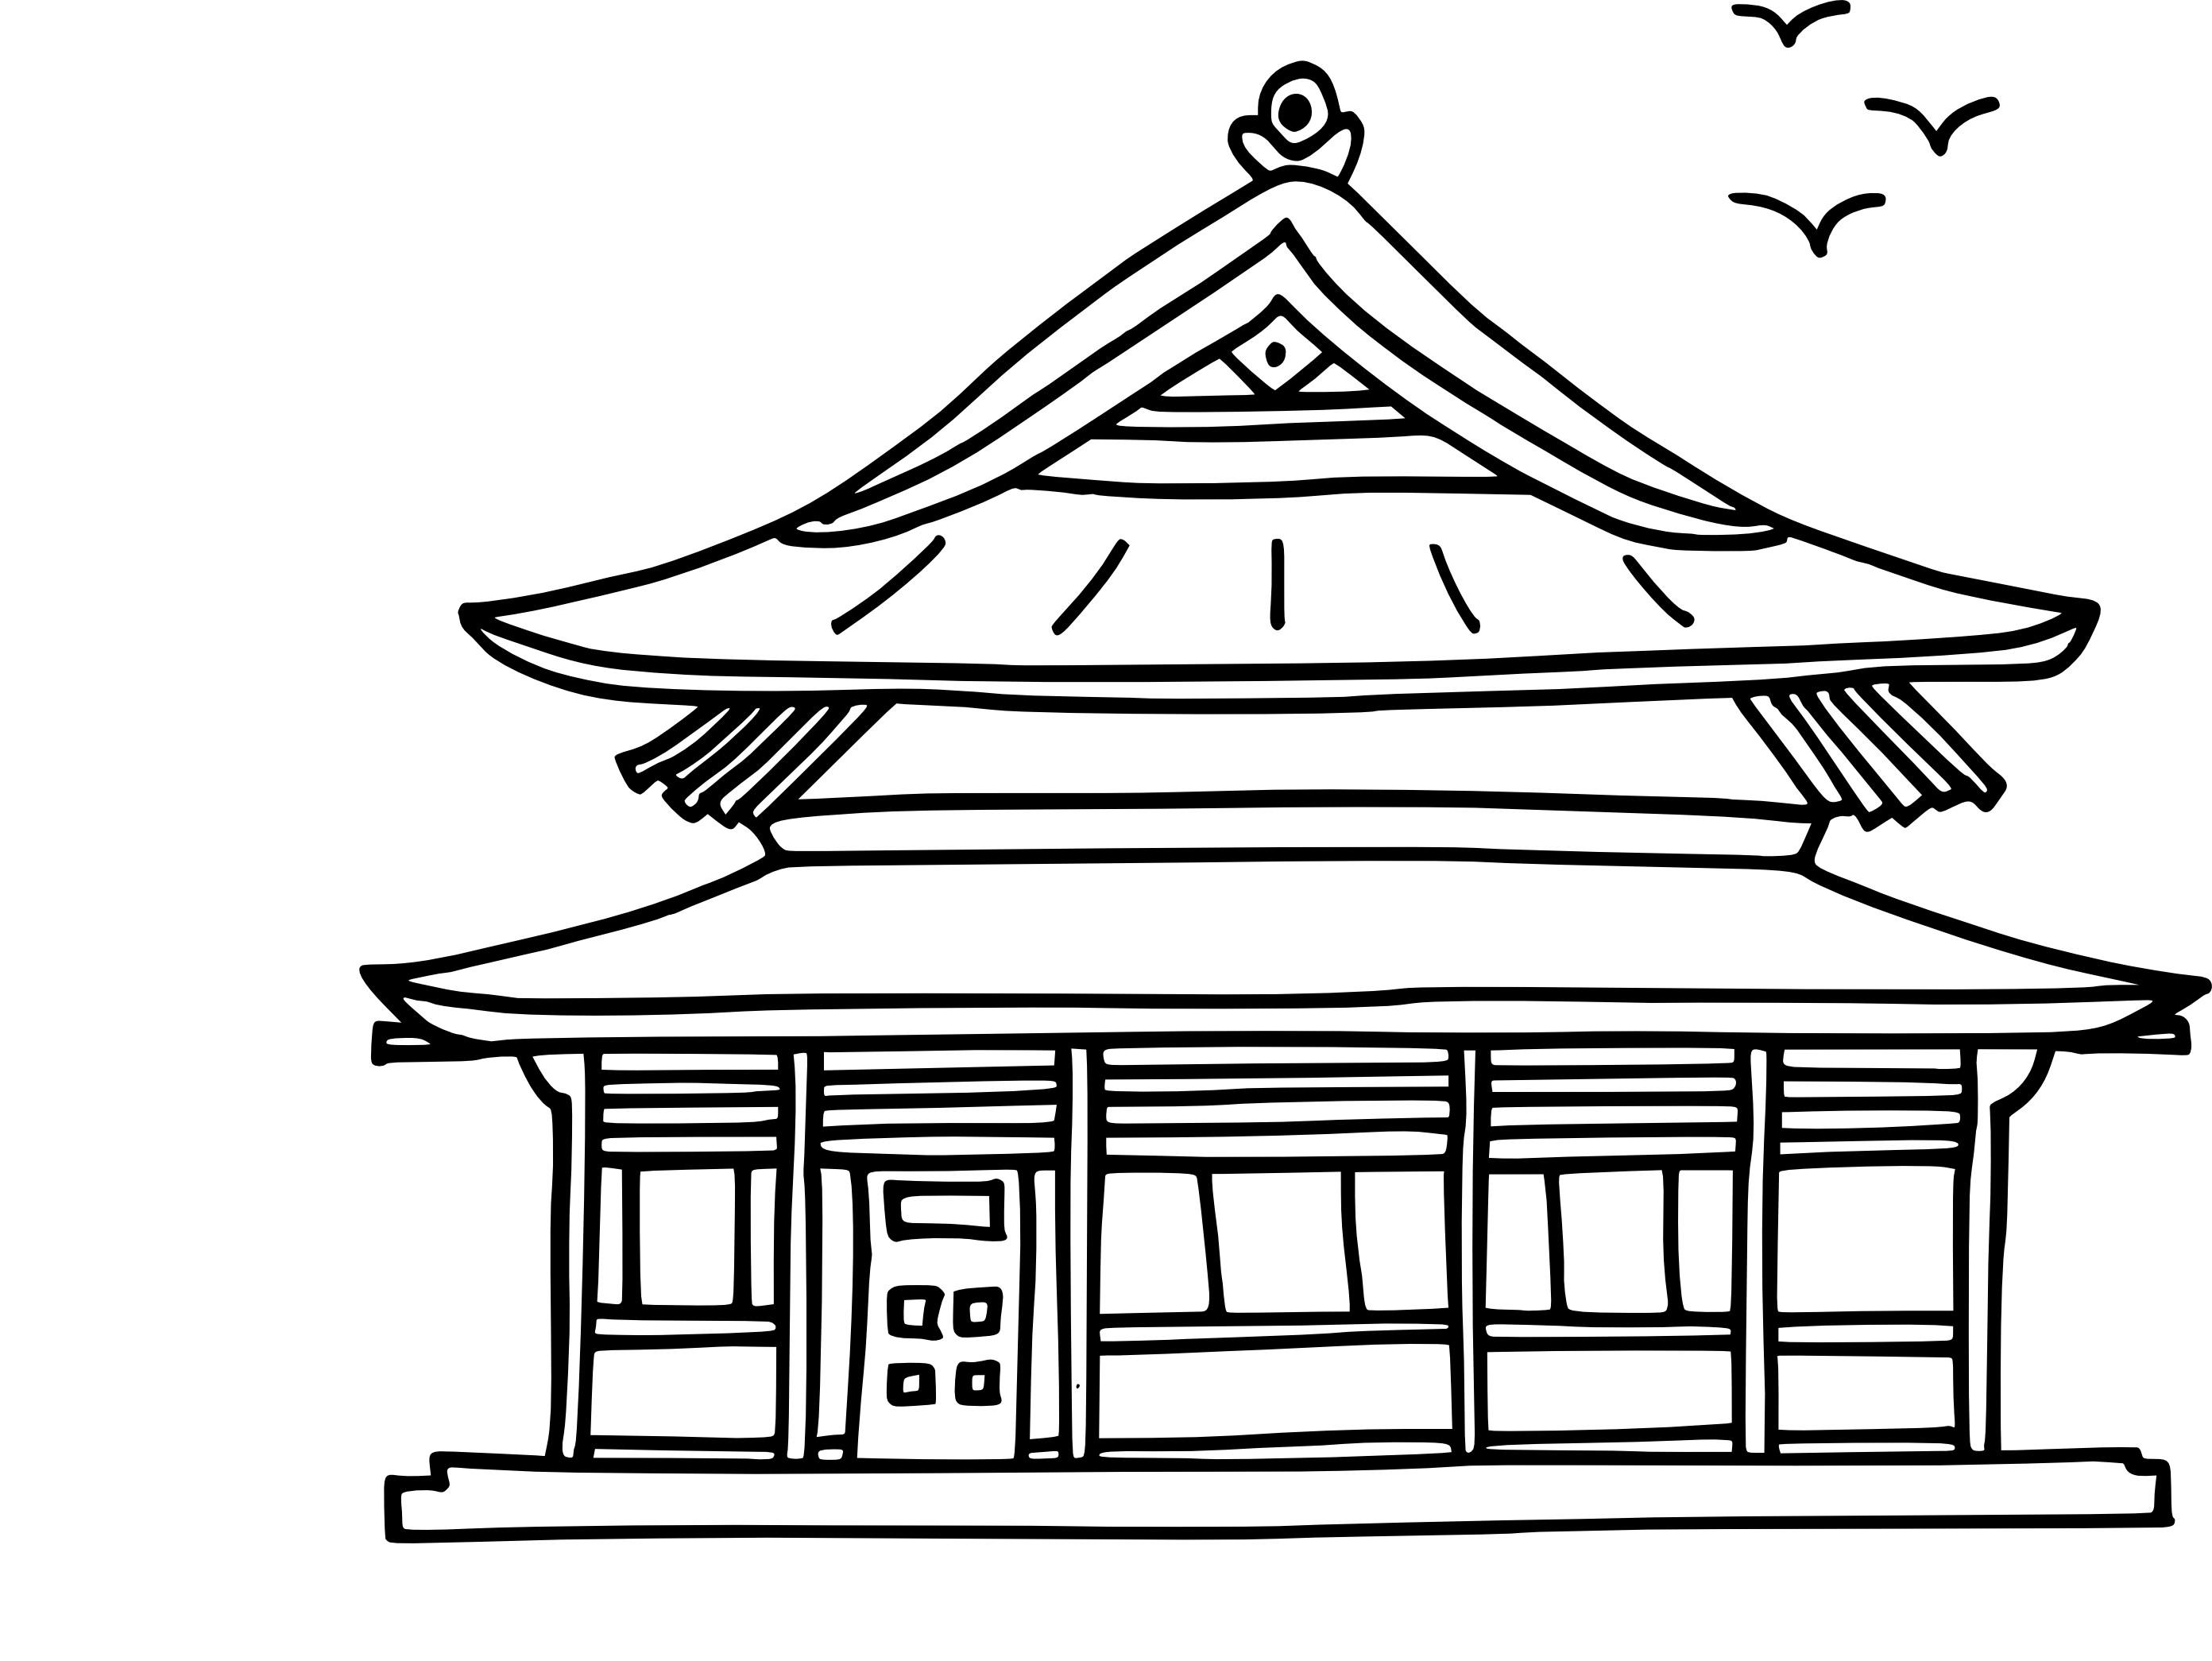 Coloriage maison chinoise imprimer for Image maison dessin